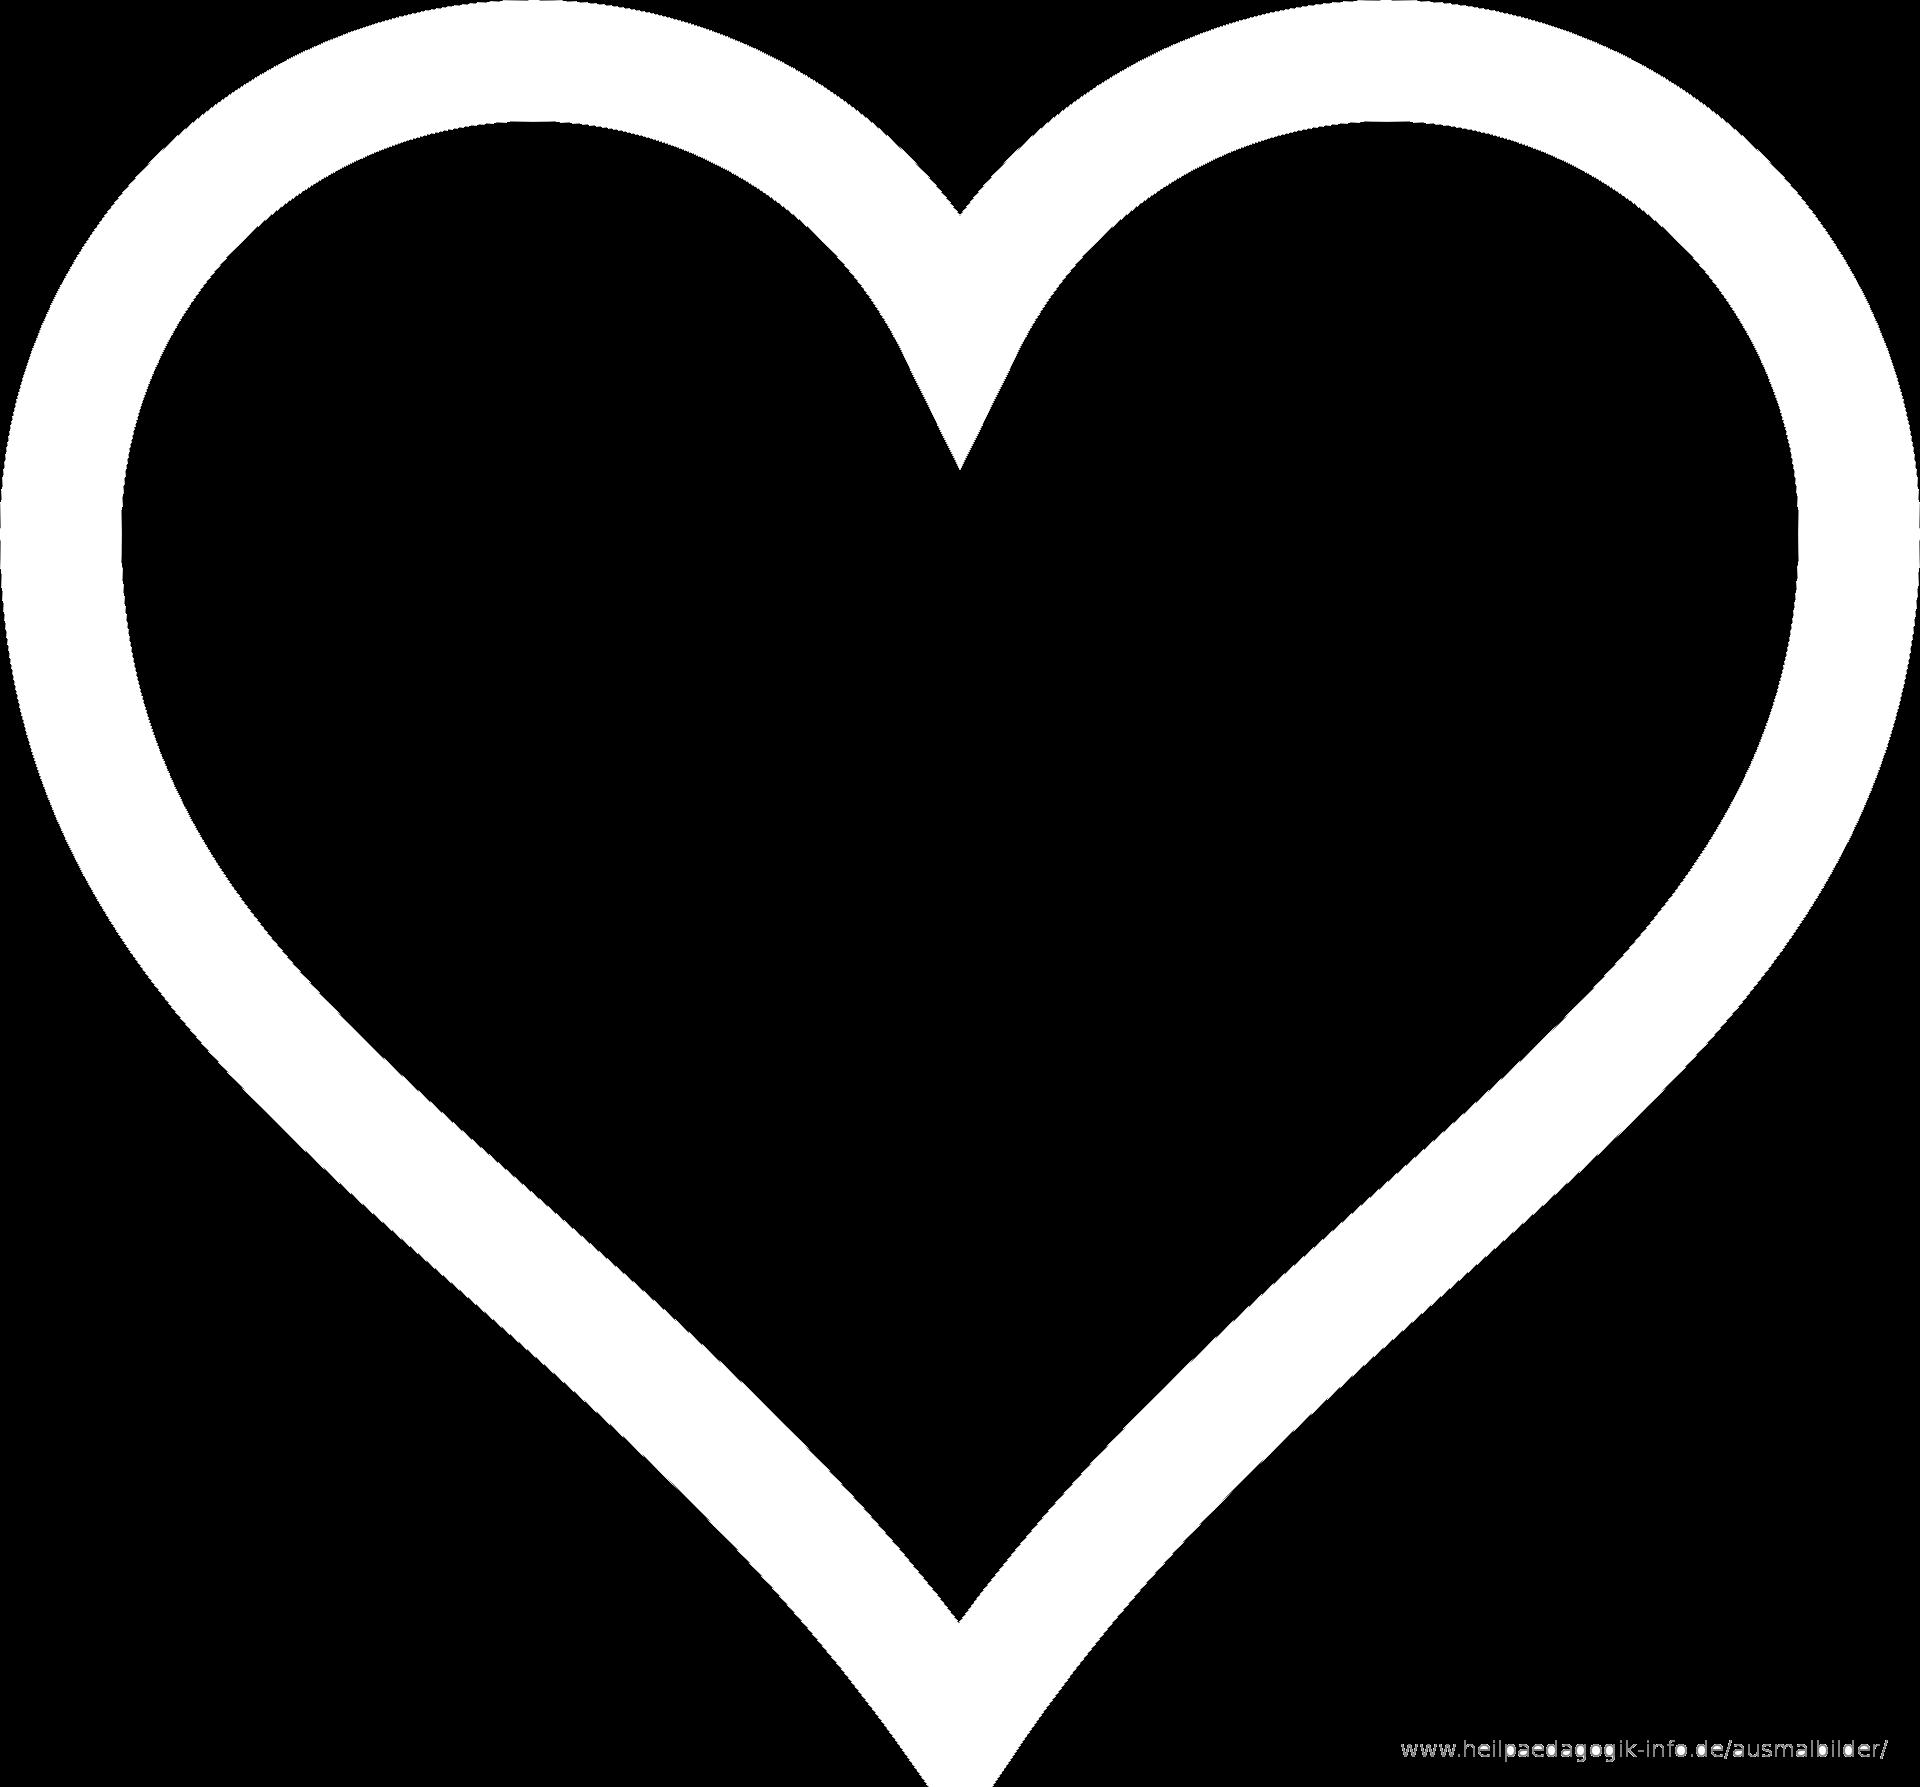 Bild - Ausmalbild-malvorlage--Herz--611--ausmalbilder herzen 46 .png ...